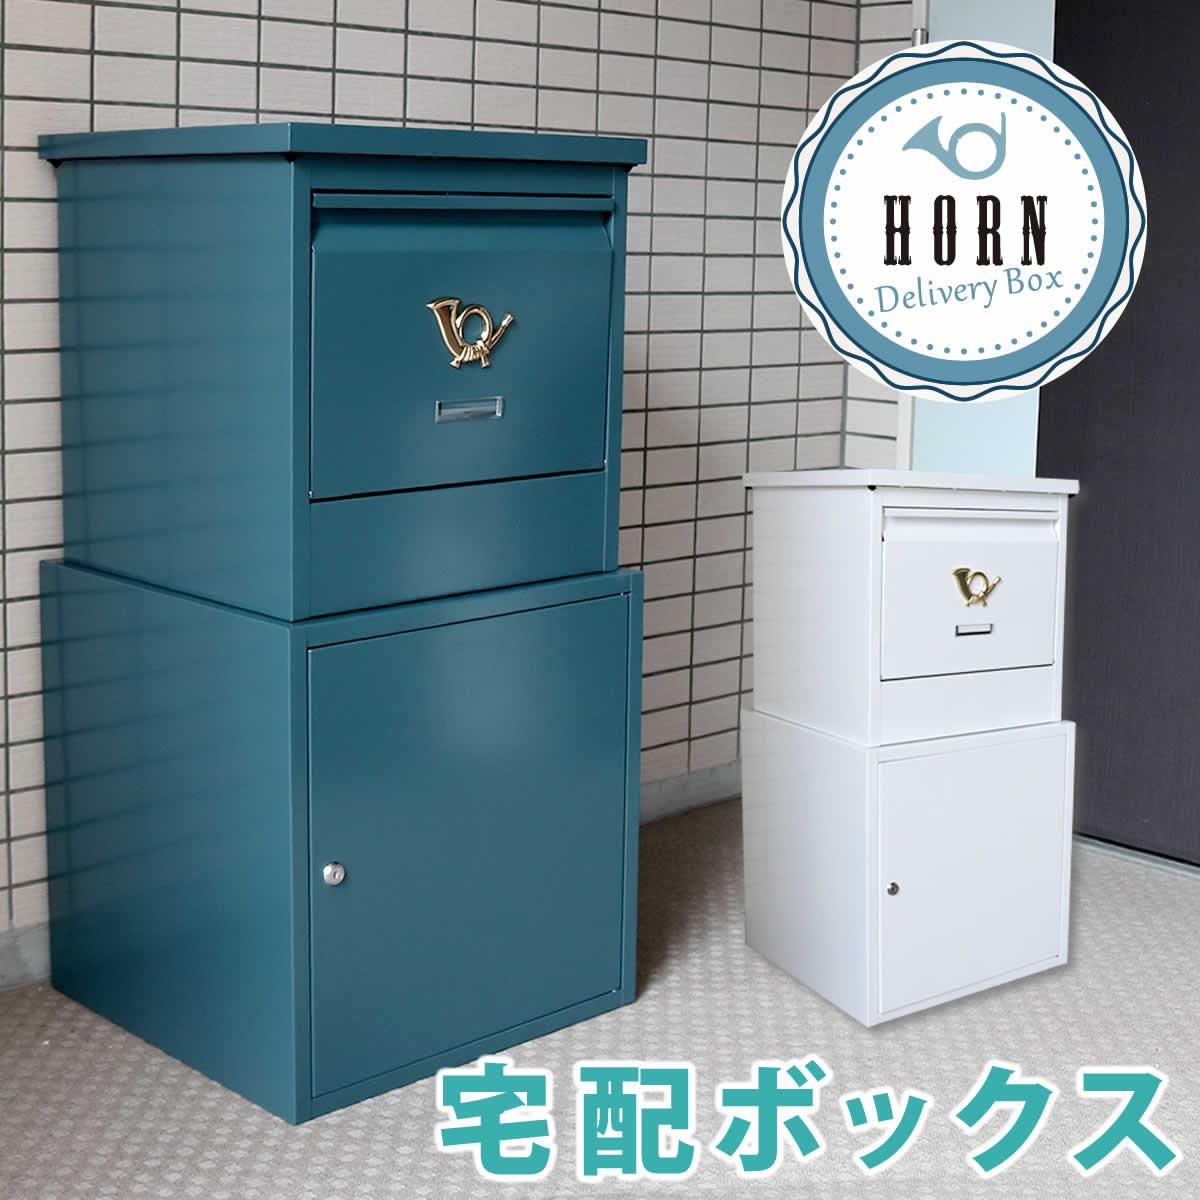 宅配ボックス DBOX875 horn ホルン